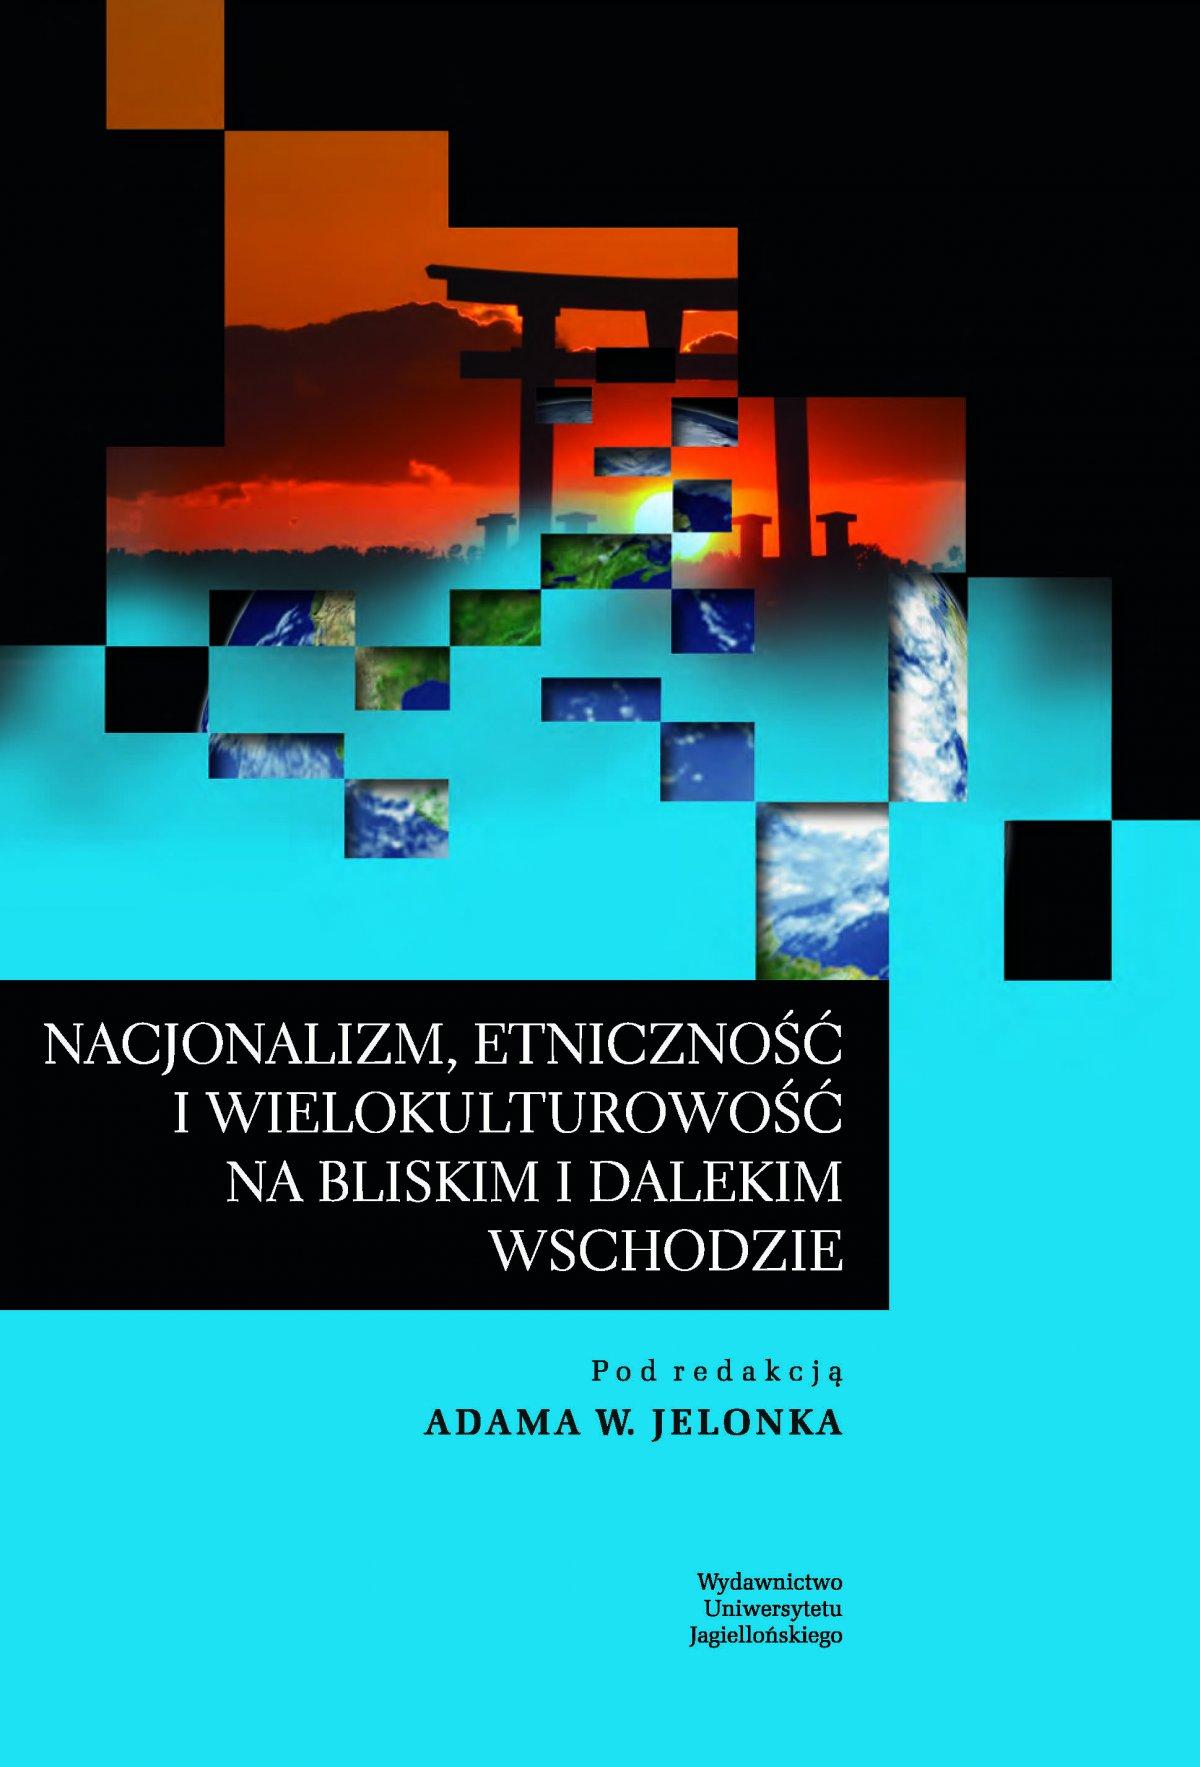 Nacjonalizm, etniczność i wielokulturowość na Bliskim i Dalekim Wschodzie - Ebook (Książka PDF) do pobrania w formacie PDF